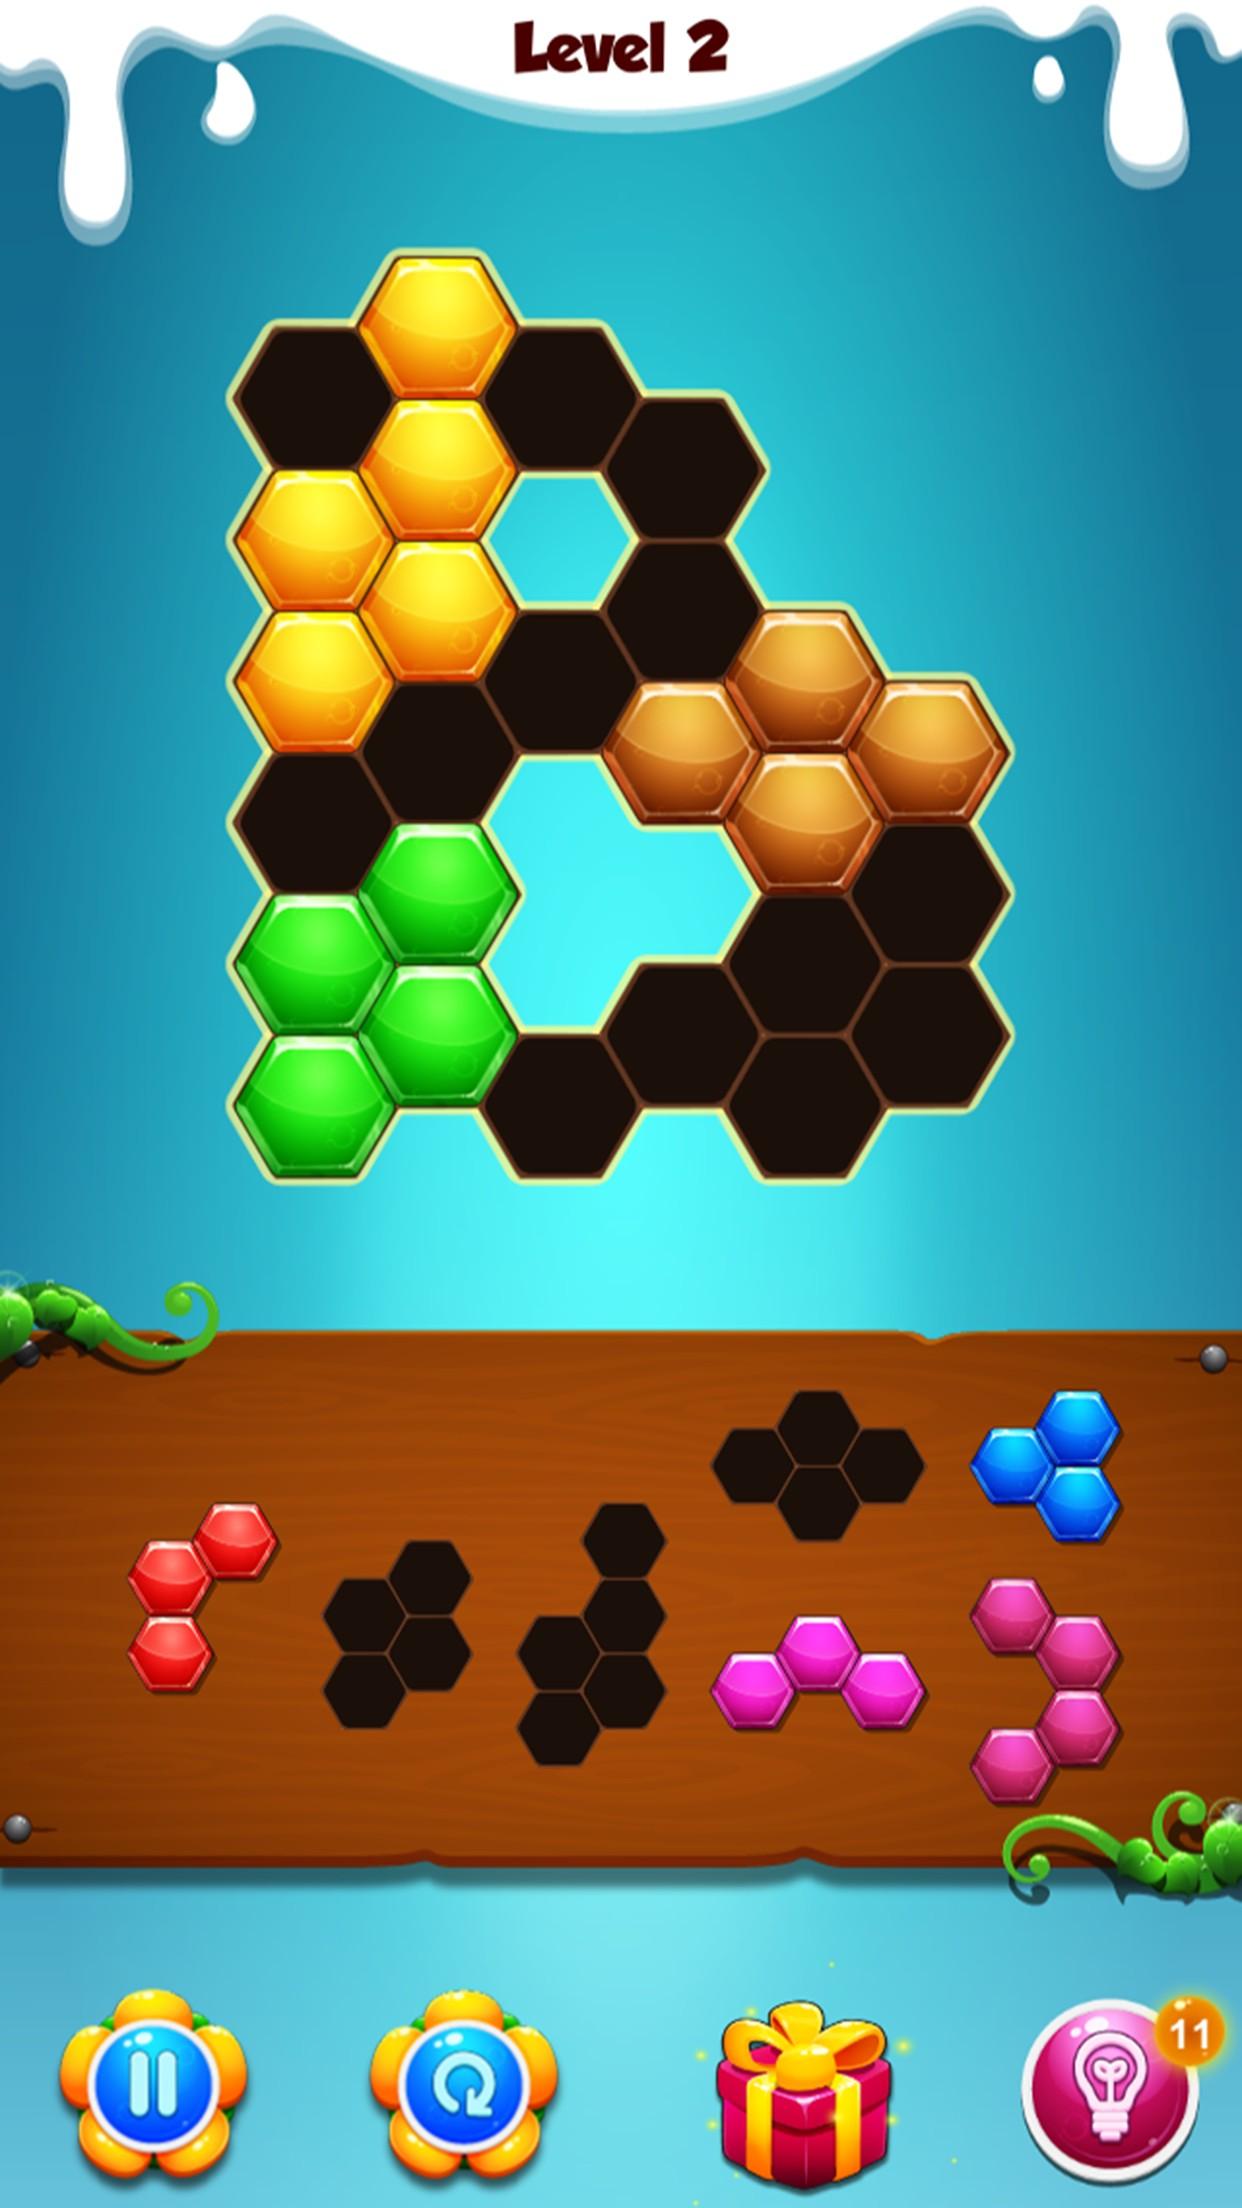 Hexic Puzzle